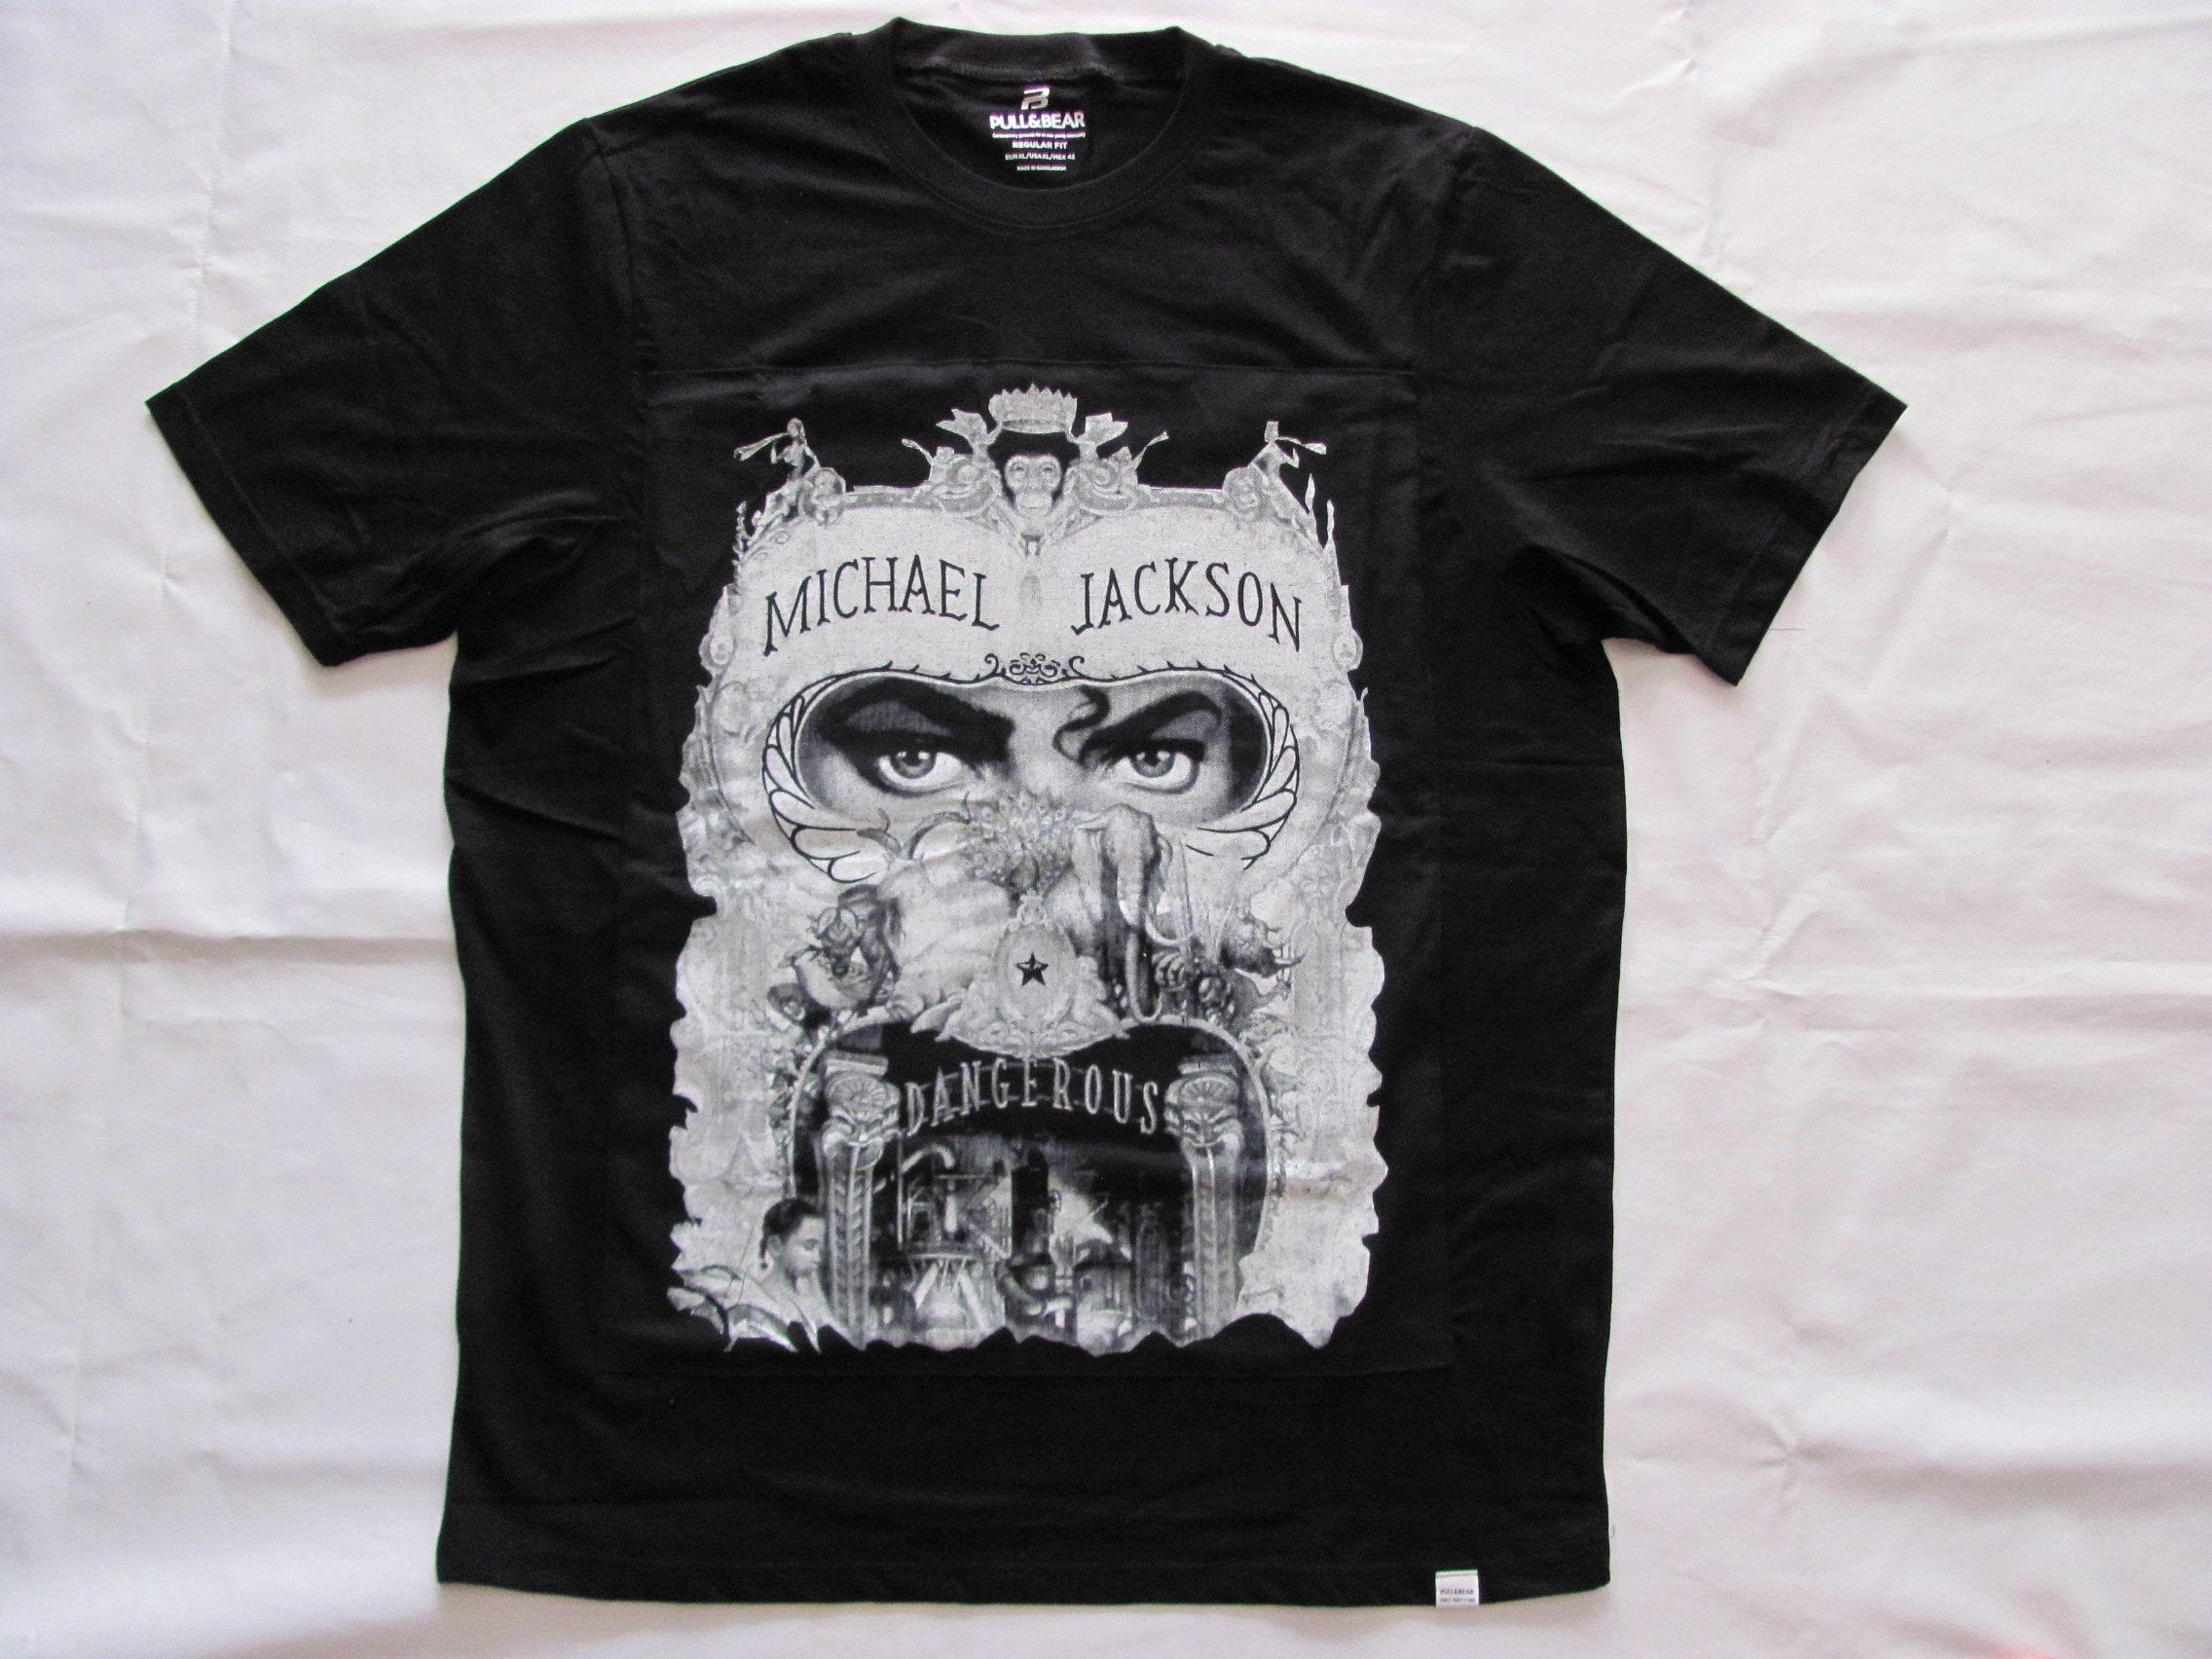 80s Tops, Shirts, T-shirts, Blouse   90s T-shirts Michael Jackson Dangerous - T-Shirt Custom Vintage Original Patch 1992 100 Cotone , Tg.Size Xlarge $88.35 AT vintagedancer.com